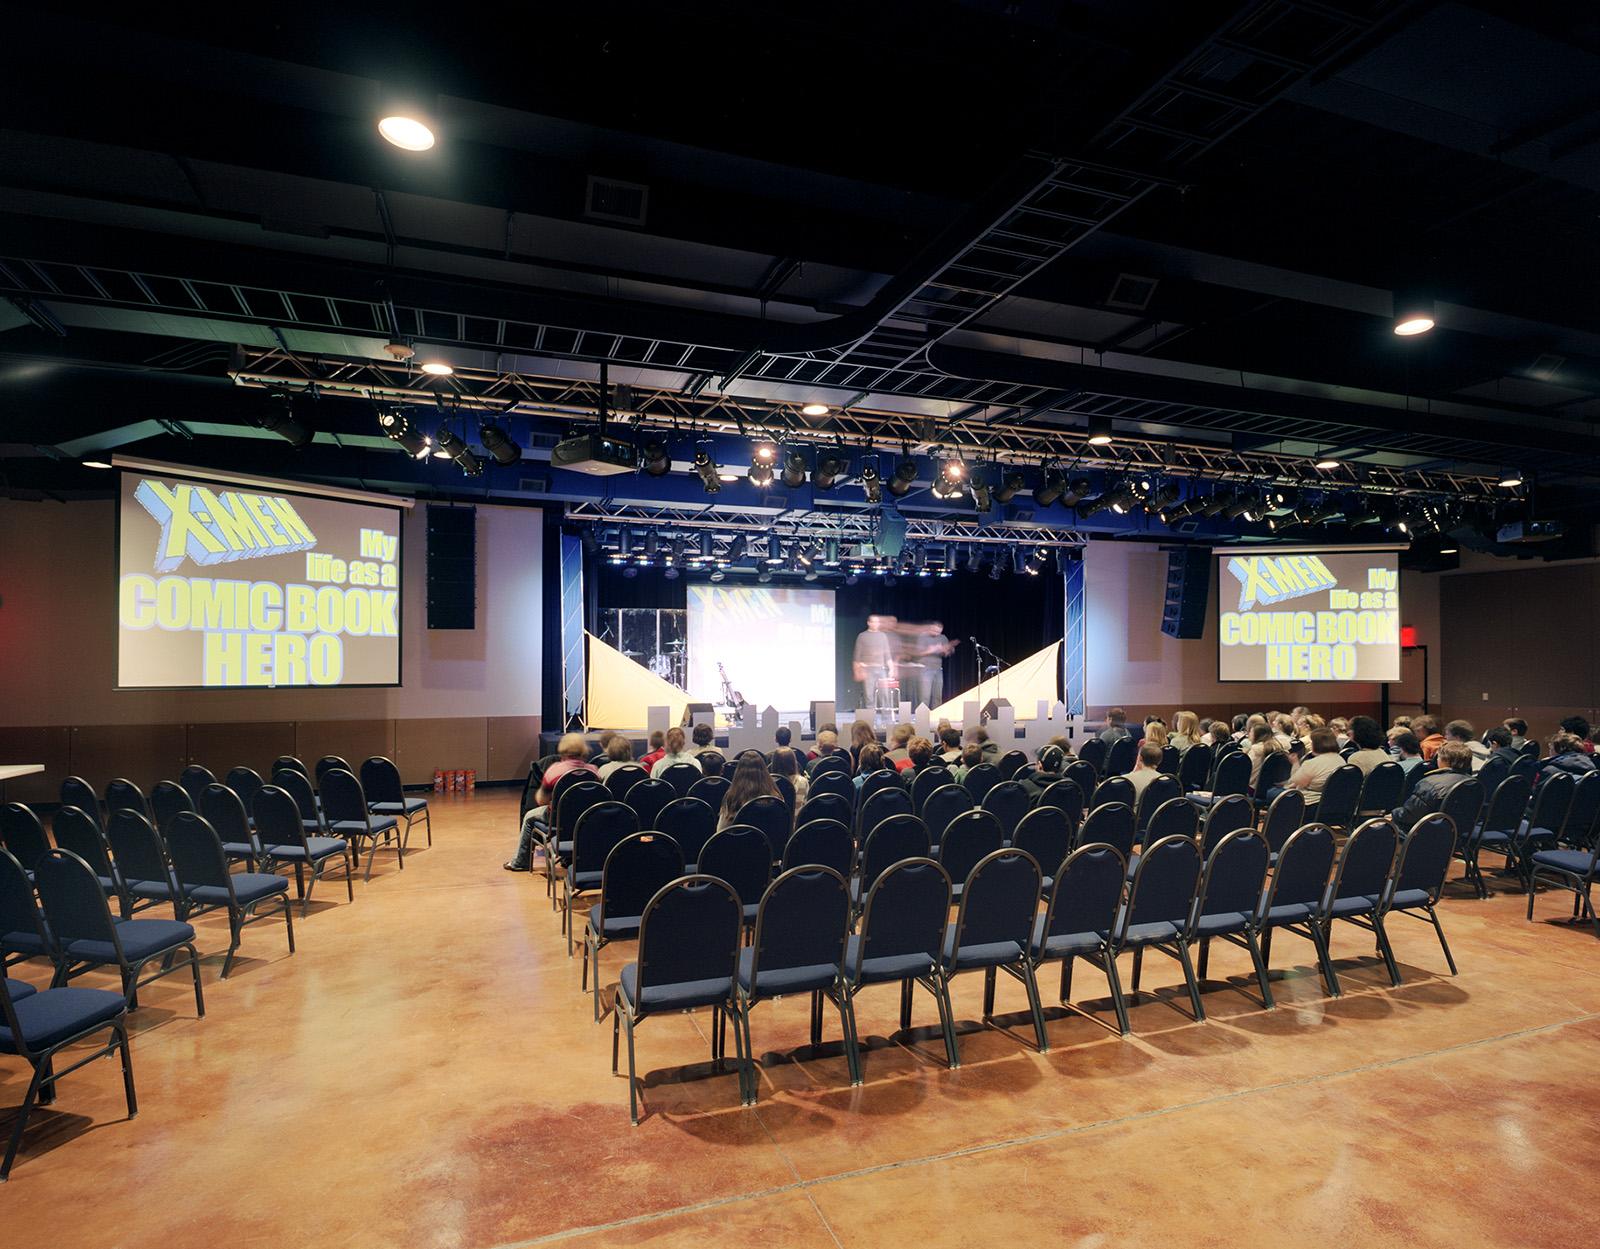 northridge-church-auditorium-2